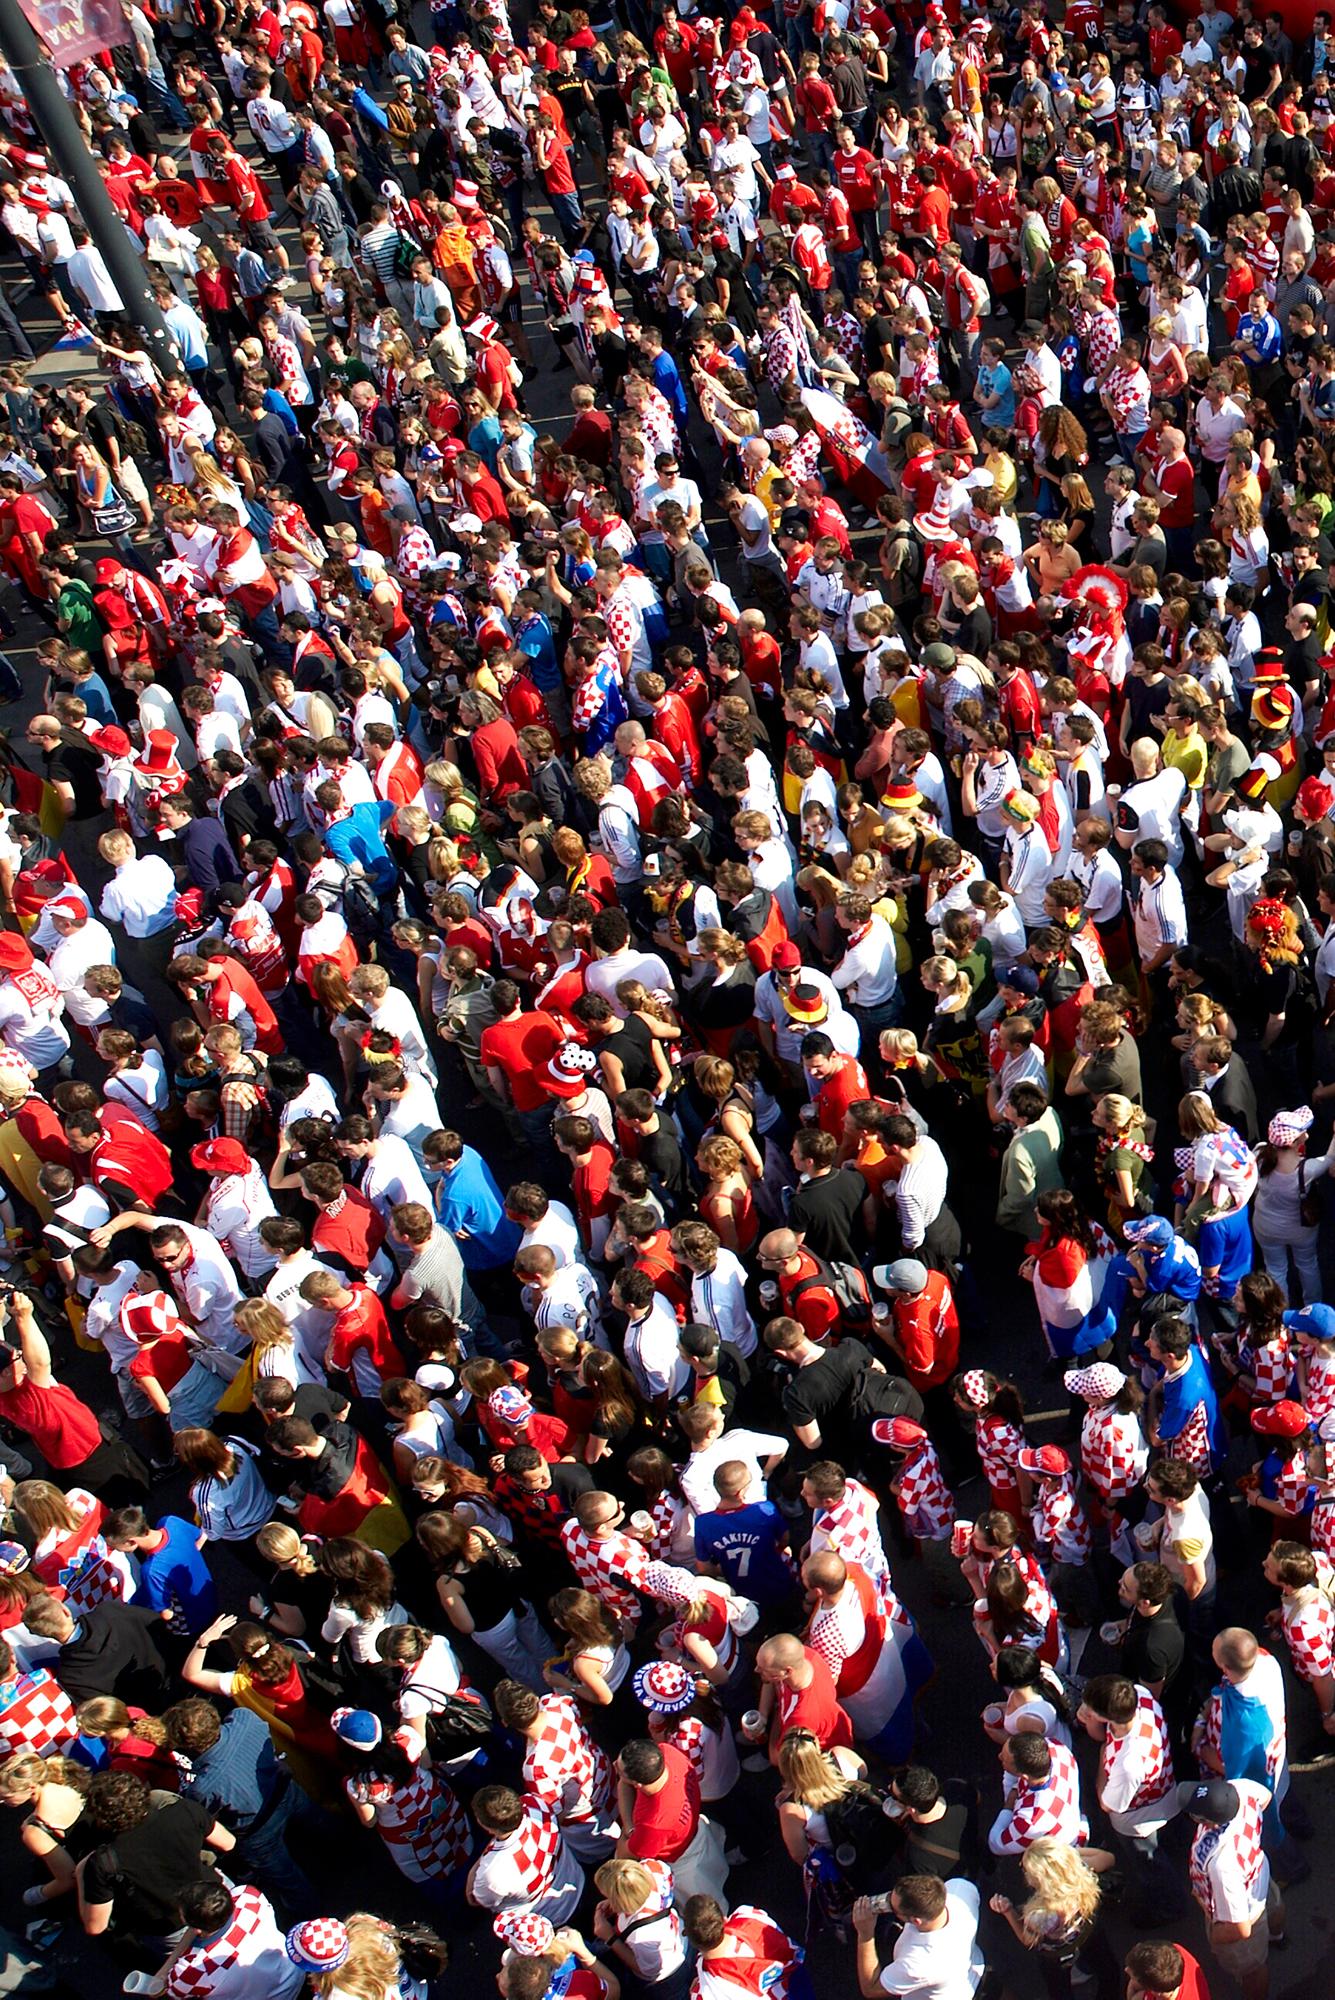 Tausende Fans in der Fanzone 2008